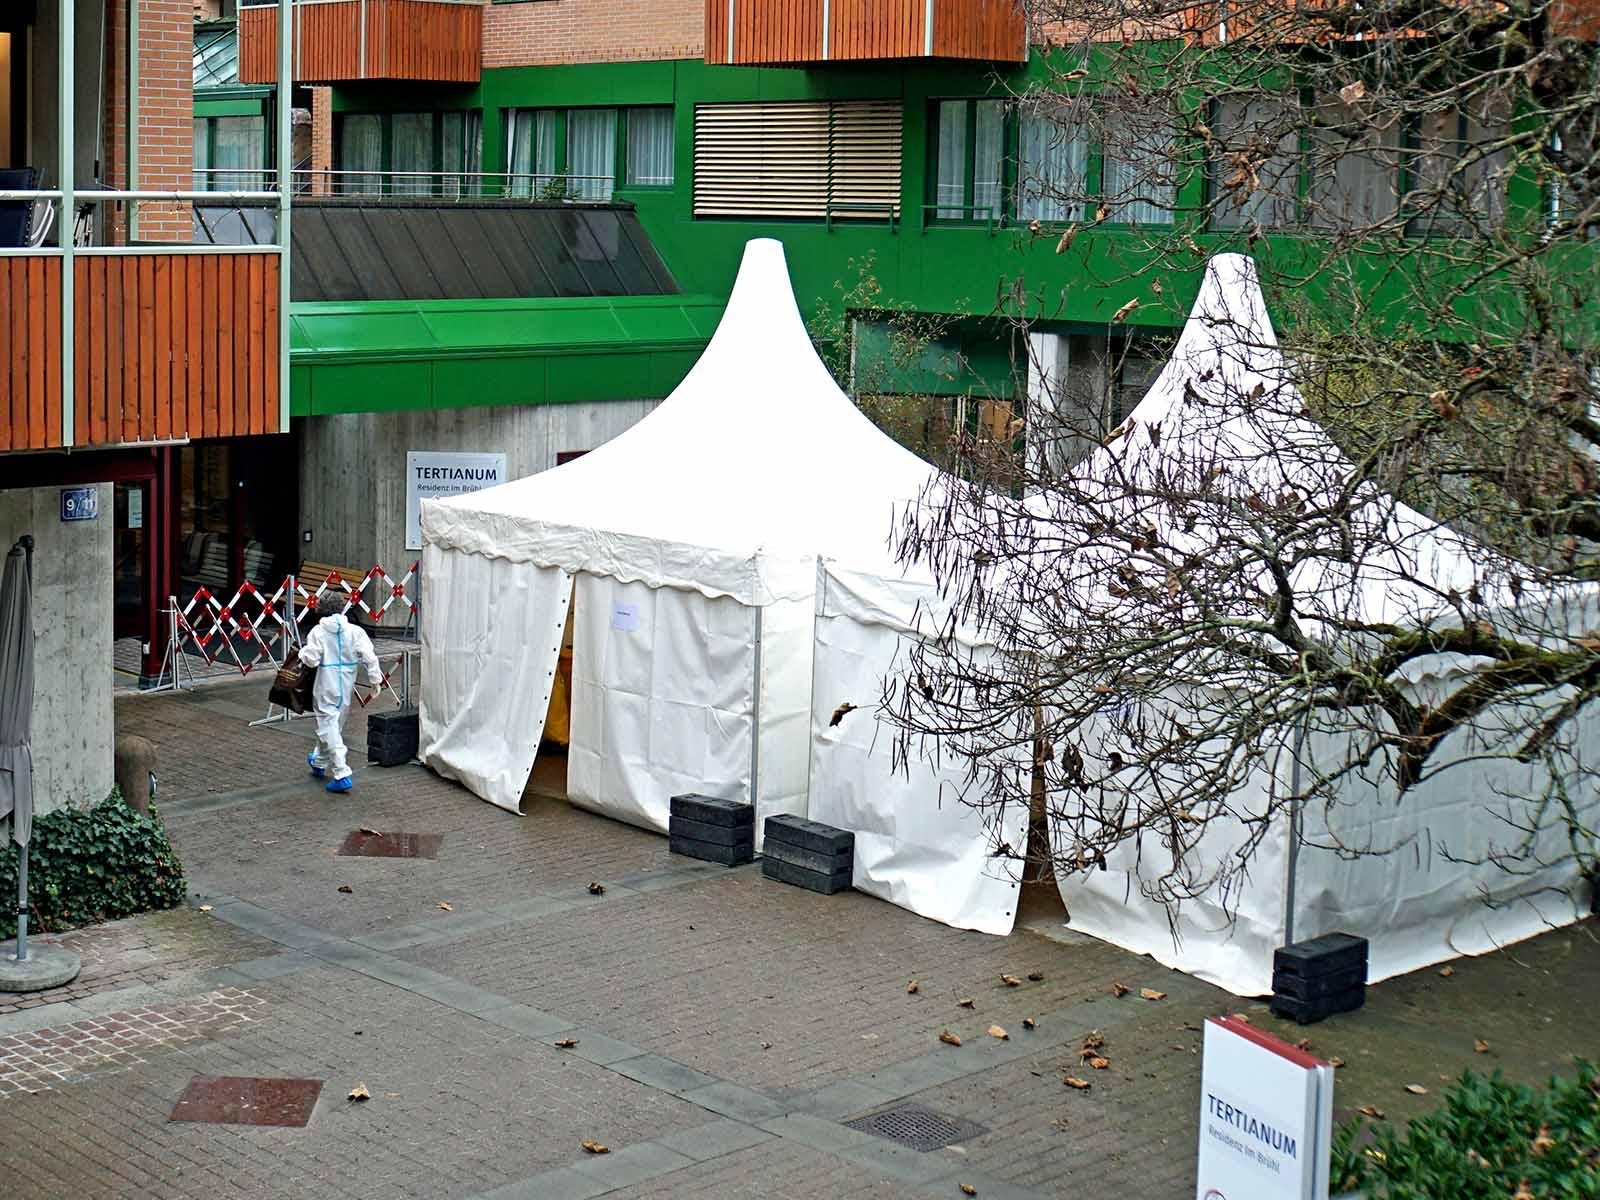 Im Zelt im Innenhof des Tertianums Residenz Im Brühl zieht sich das Pflegepersonal vor dem Arbeitseinsatz um.